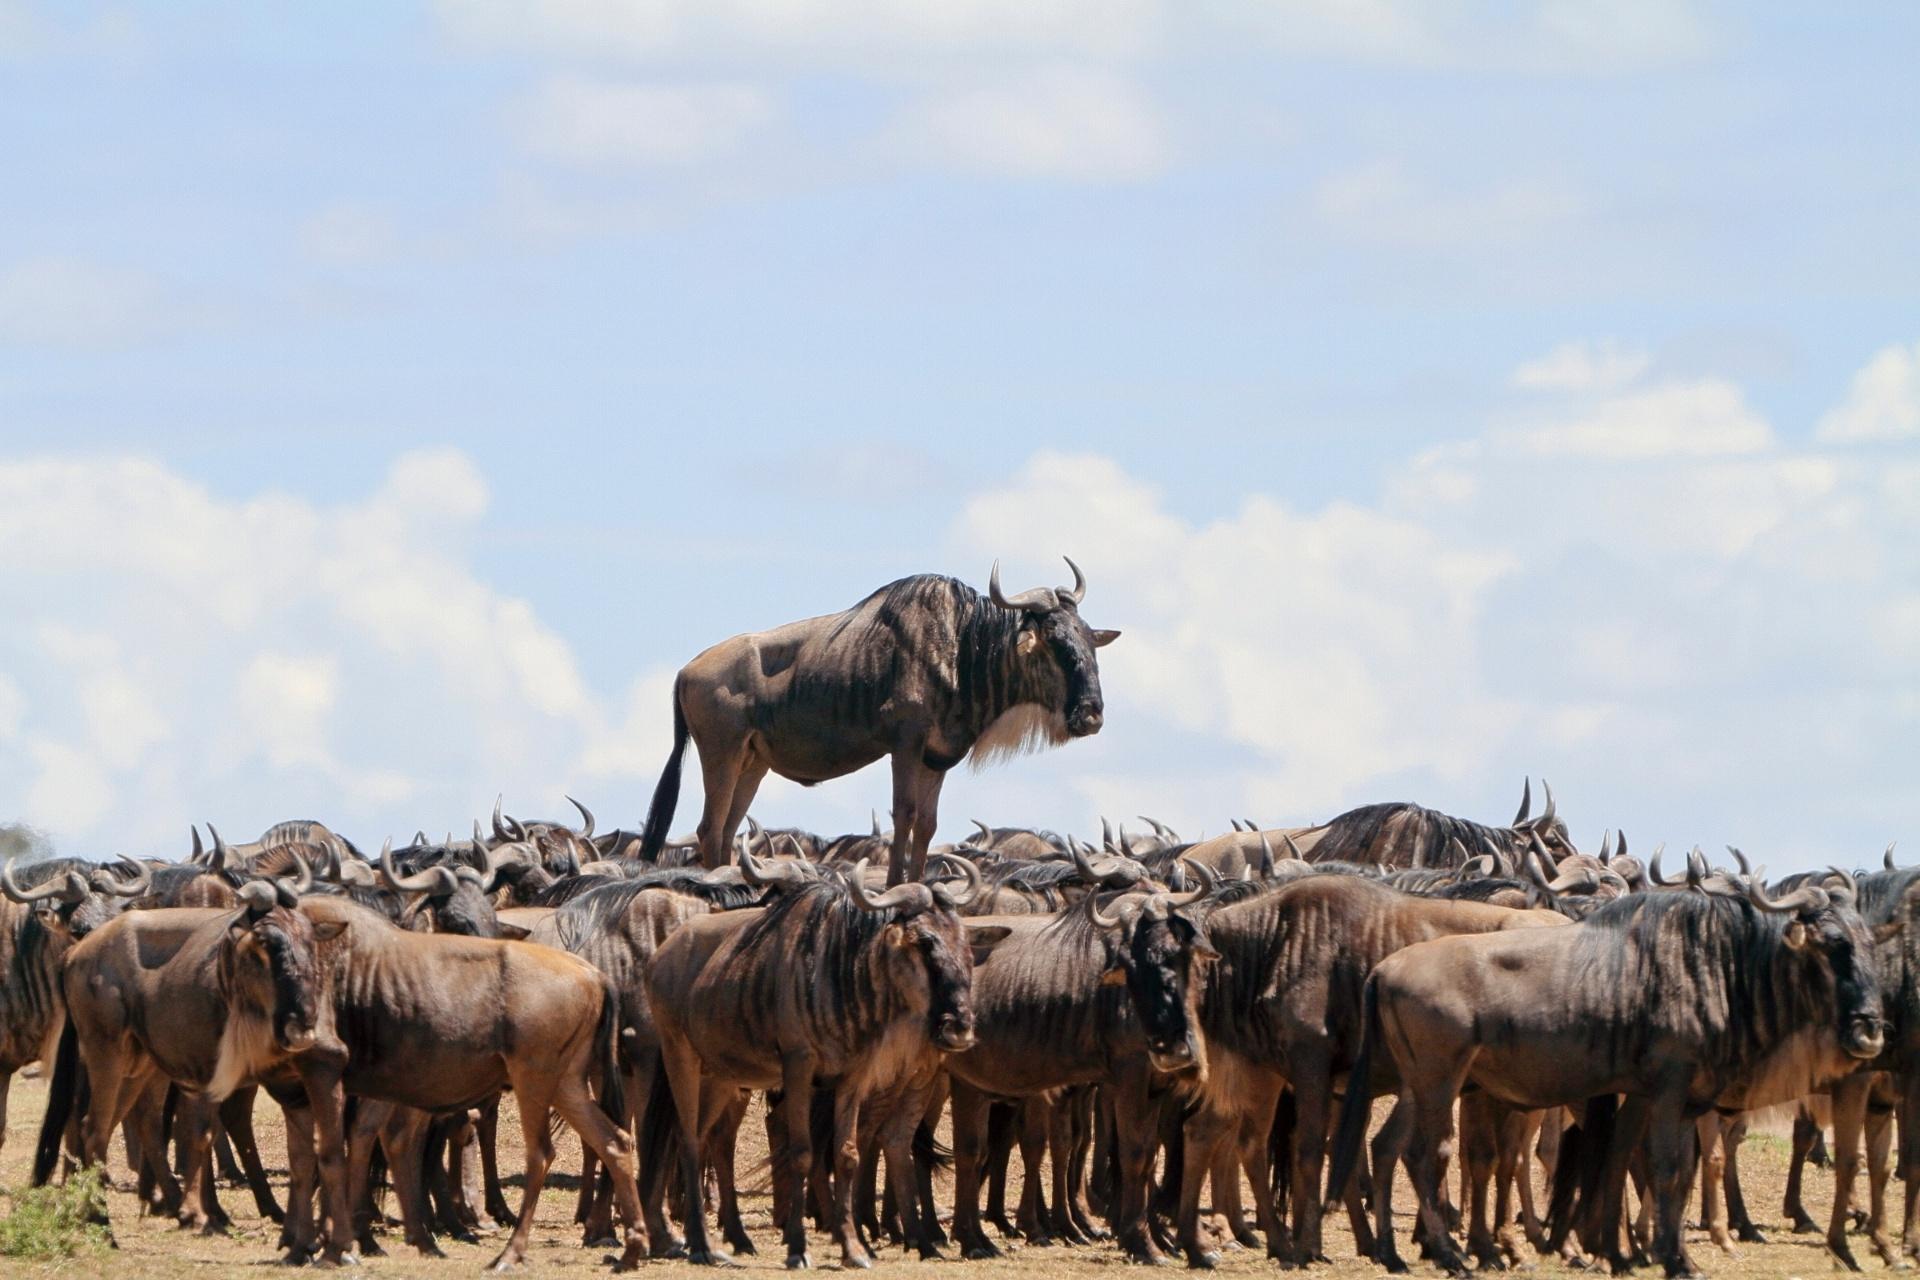 Gnu por cima - Esse gnu em Masai Mara, no Quênia, não se satisfaz em ser apenas mais um membro da manada